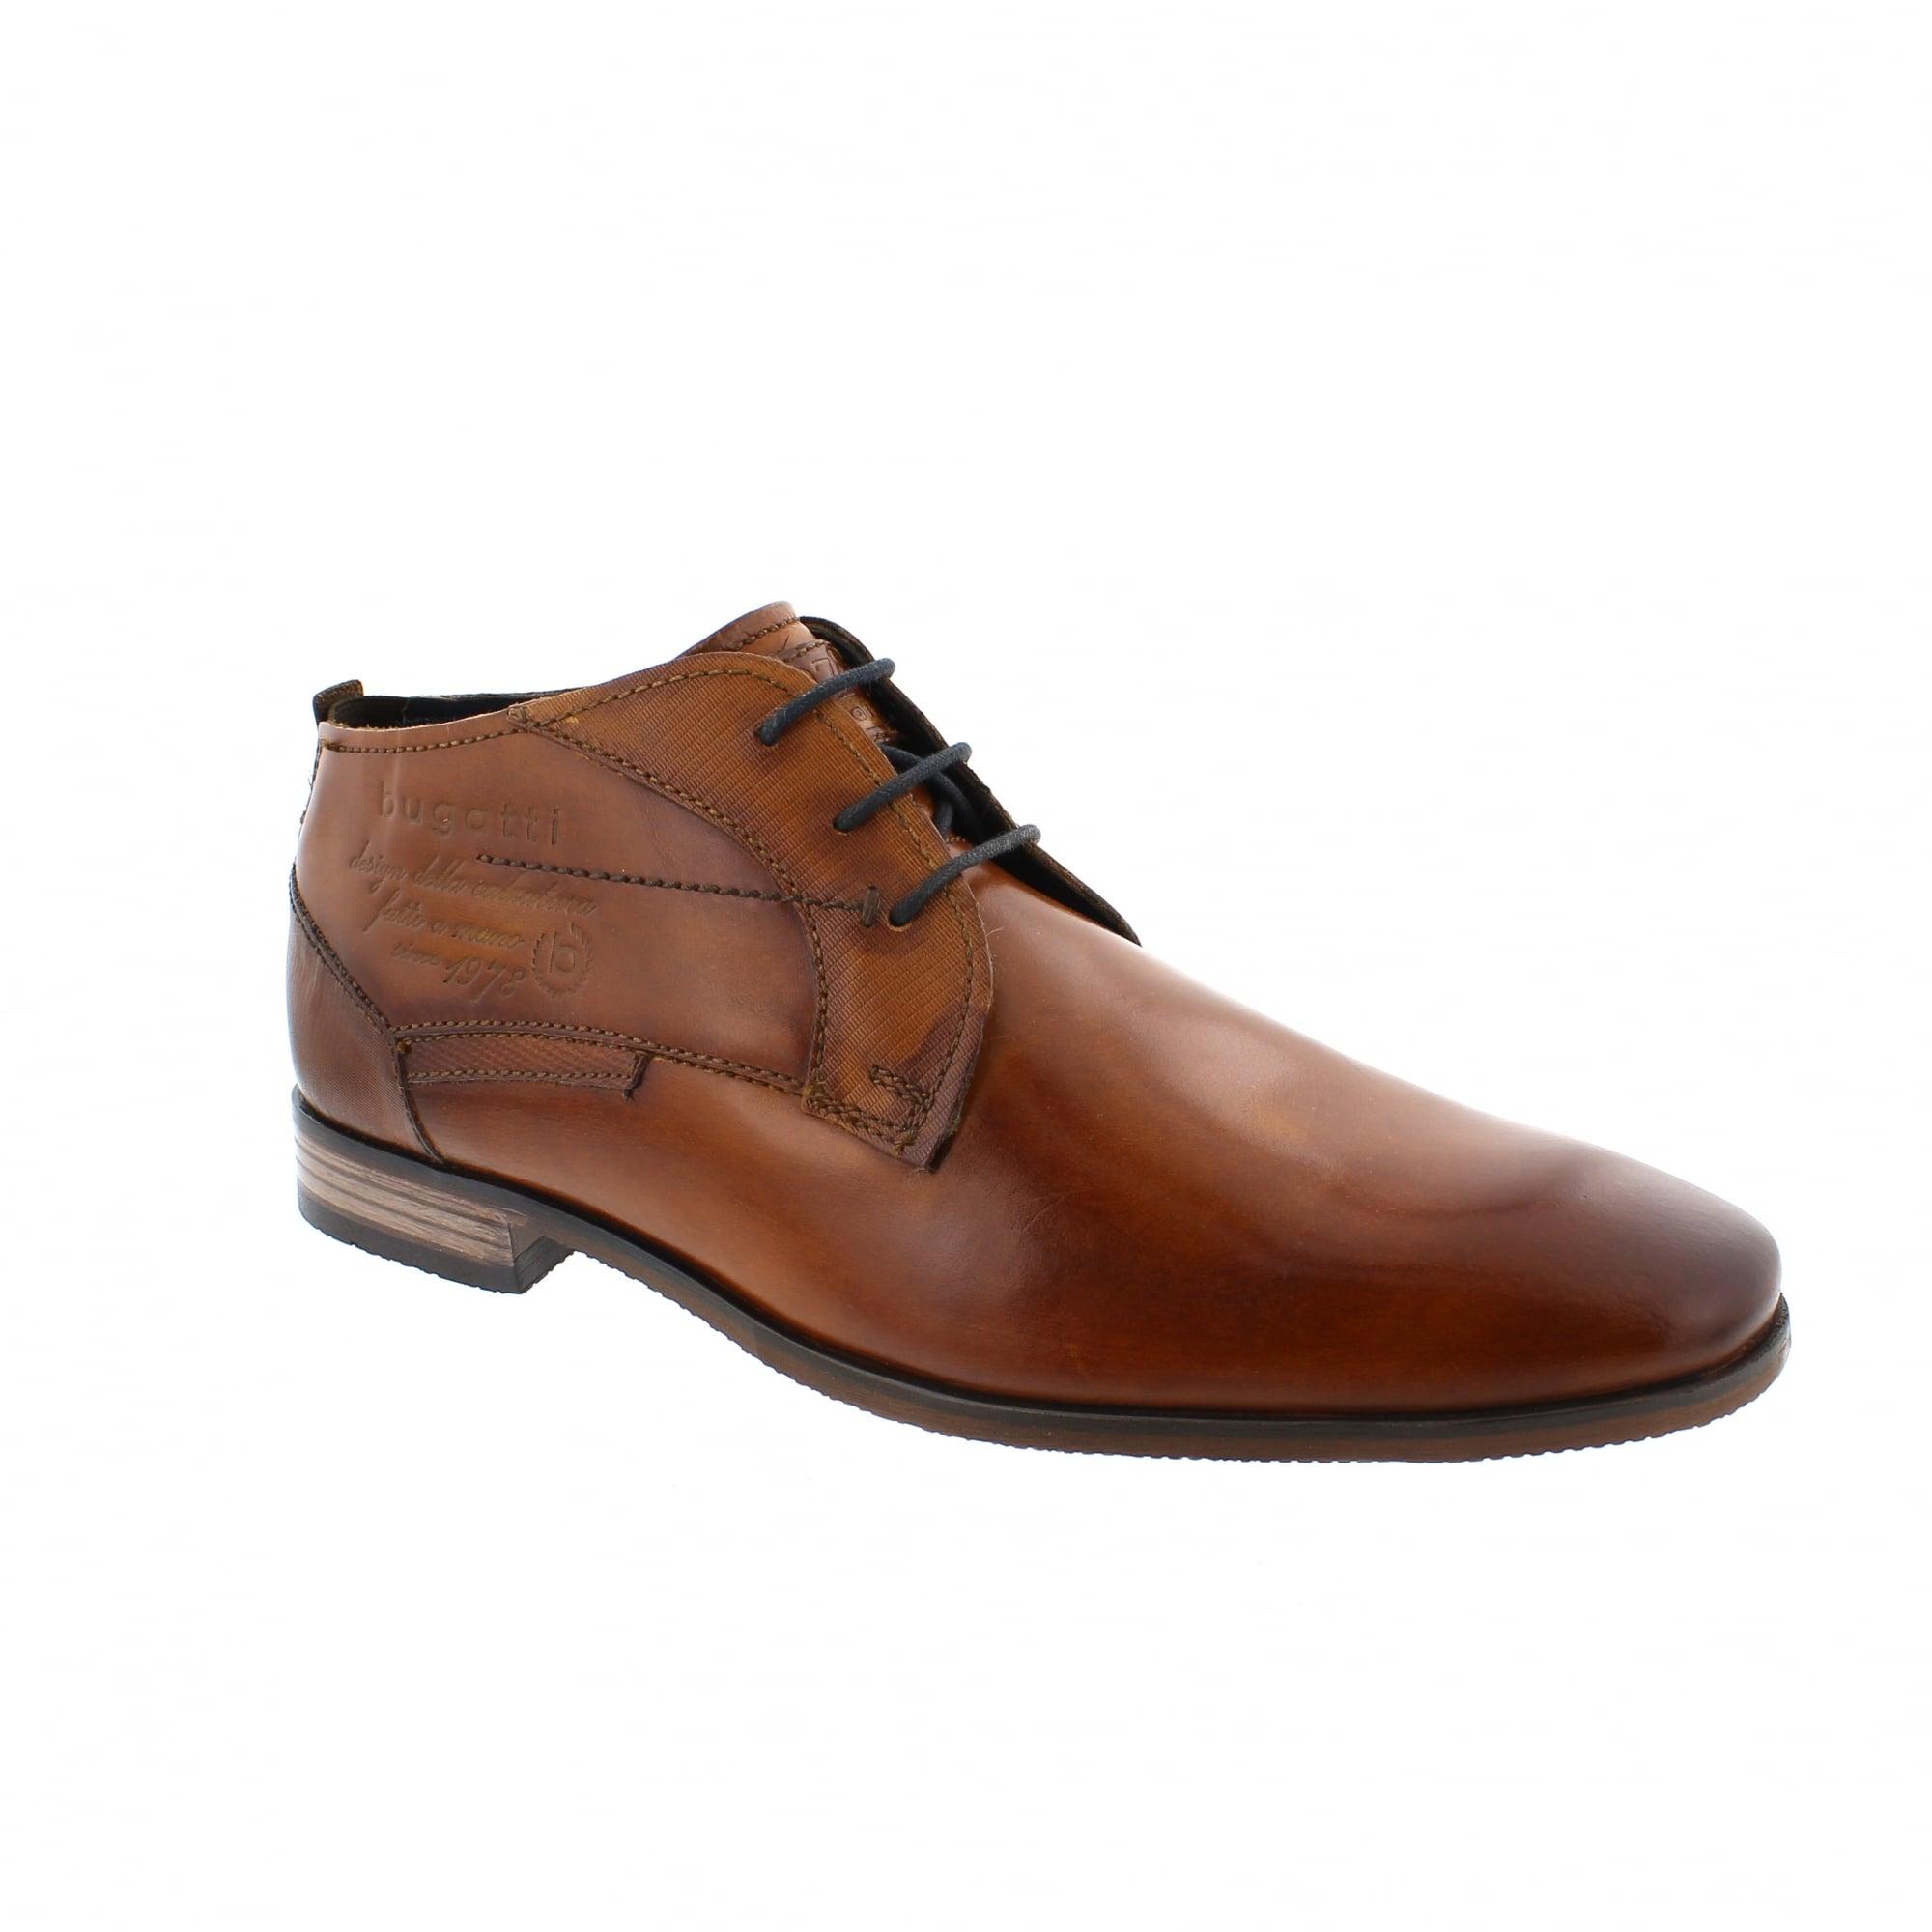 fbbcec7f5caa39 Bugatti Refito 311-15104-2500-6300 Mens Ankle Boots